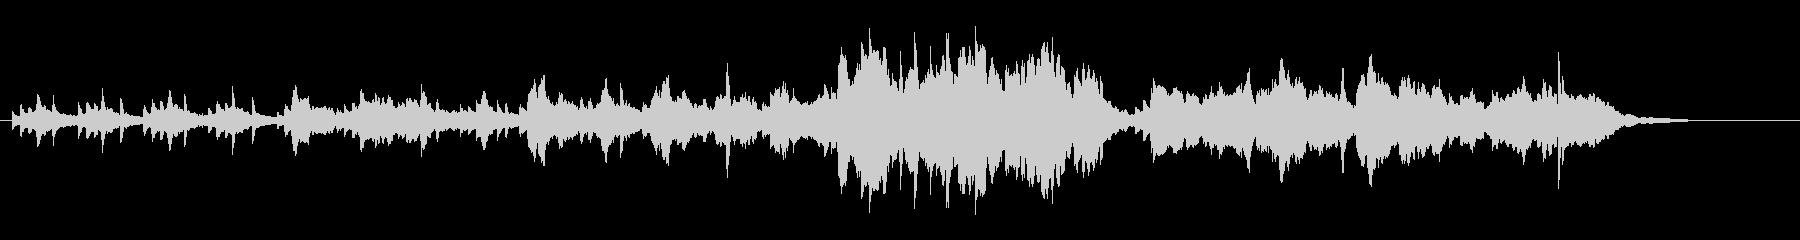 ピアノとオーボエの感動系BGMの未再生の波形